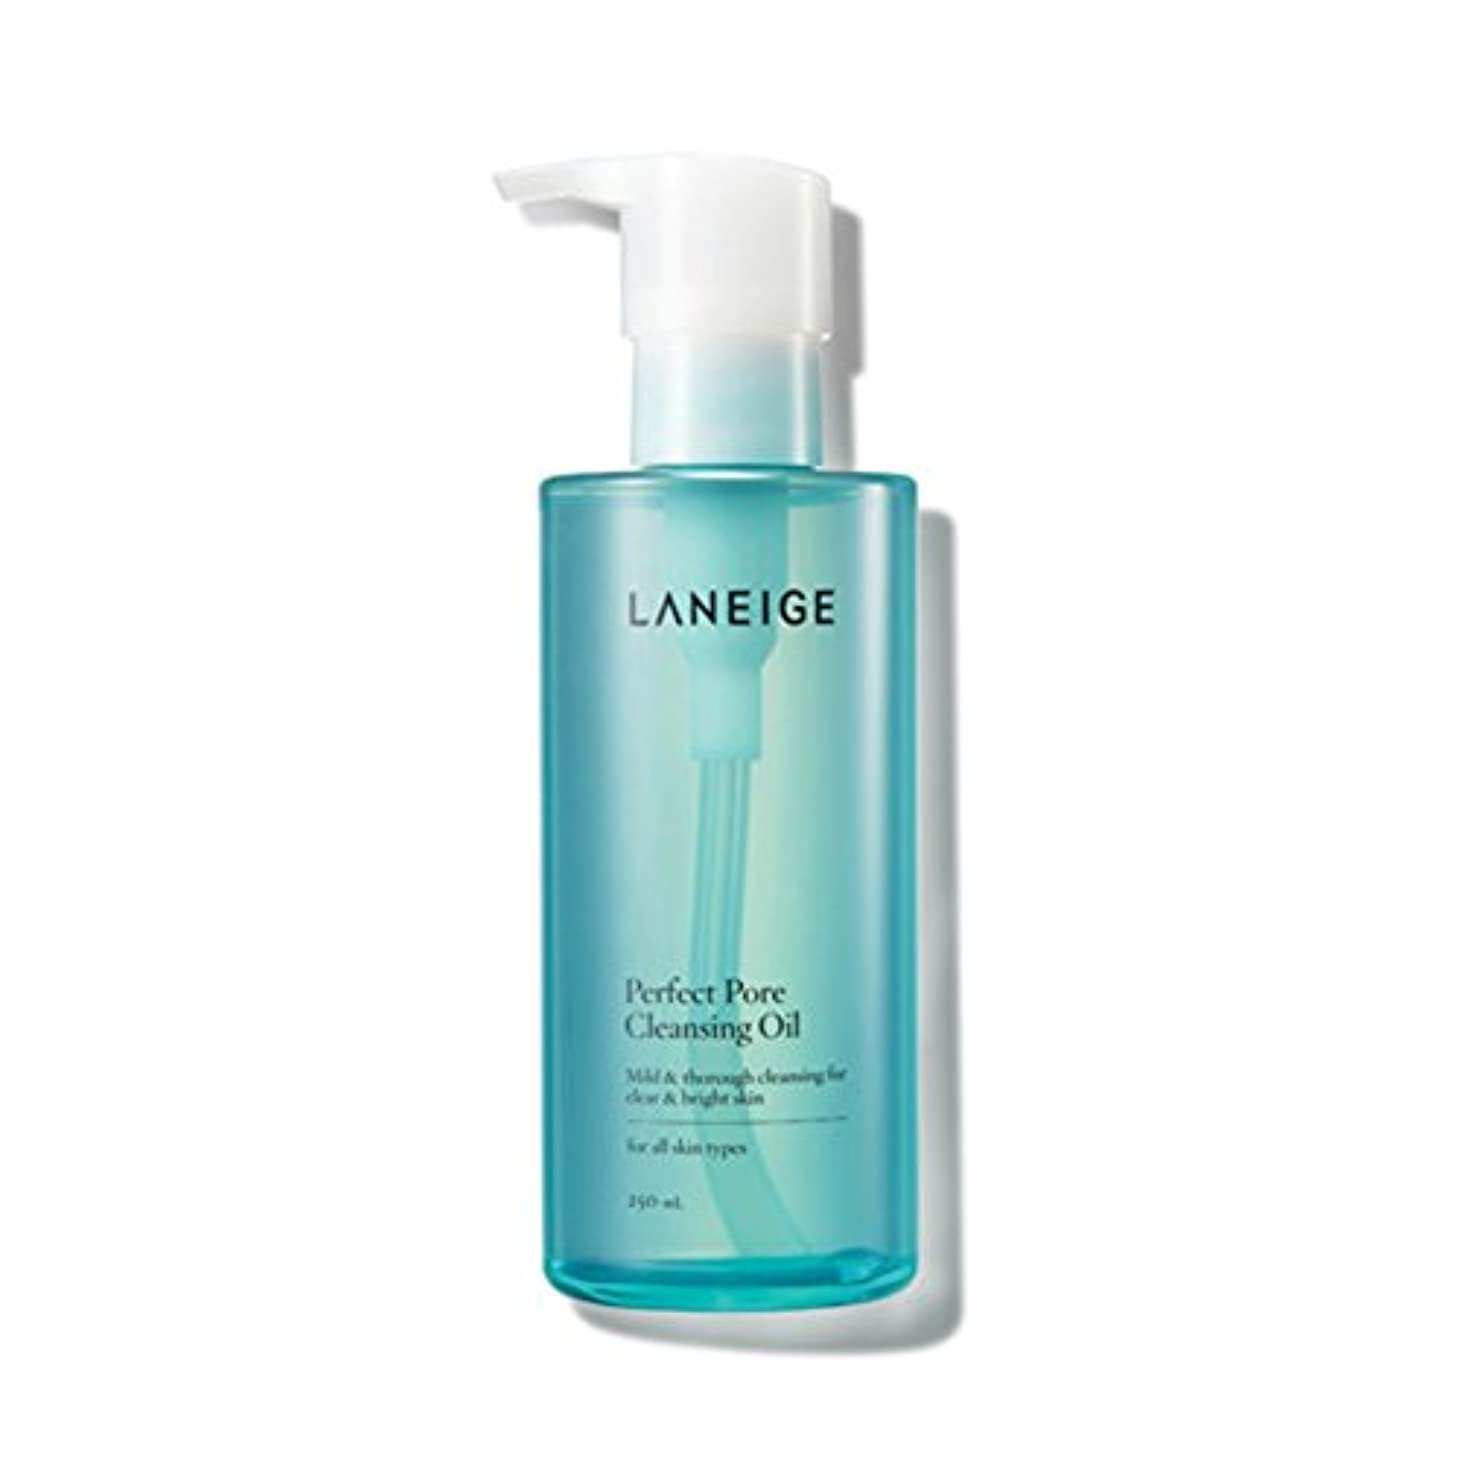 発言するマークされたローマ人[ラネージュ/ LANEIGE] ラネージュ パーフェクトポア クレンジングオイル 250ml/ Perfect Pore Cleansing Oil +[Sample Gift](海外直送品)